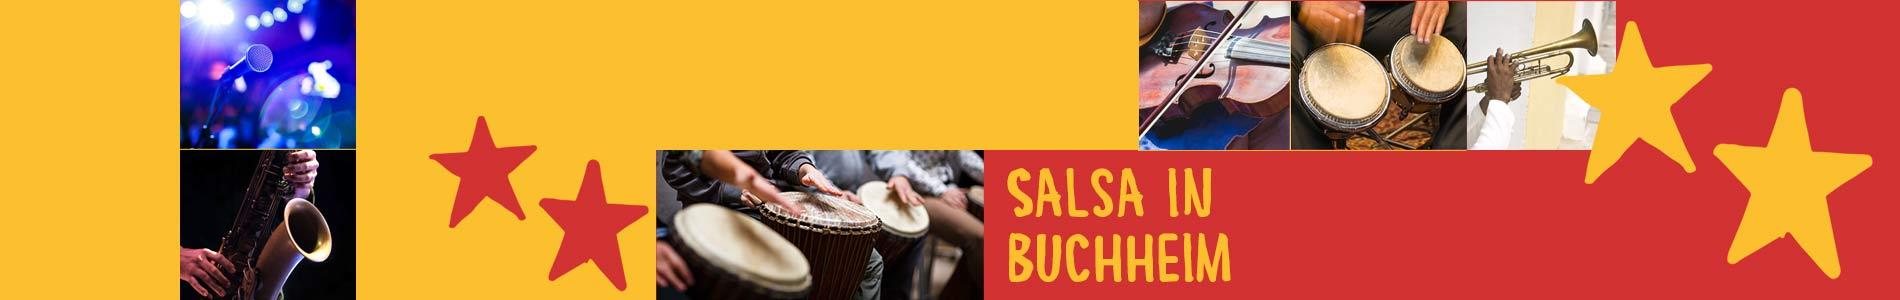 Salsa in Buchheim – Salsa lernen und tanzen, Tanzkurse, Partys, Veranstaltungen